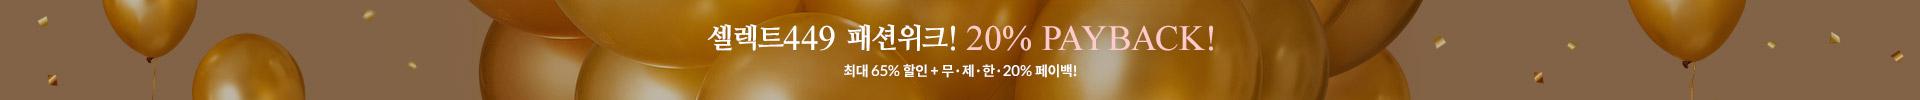 셀렉트449 패션위크 20% PAYBACK!